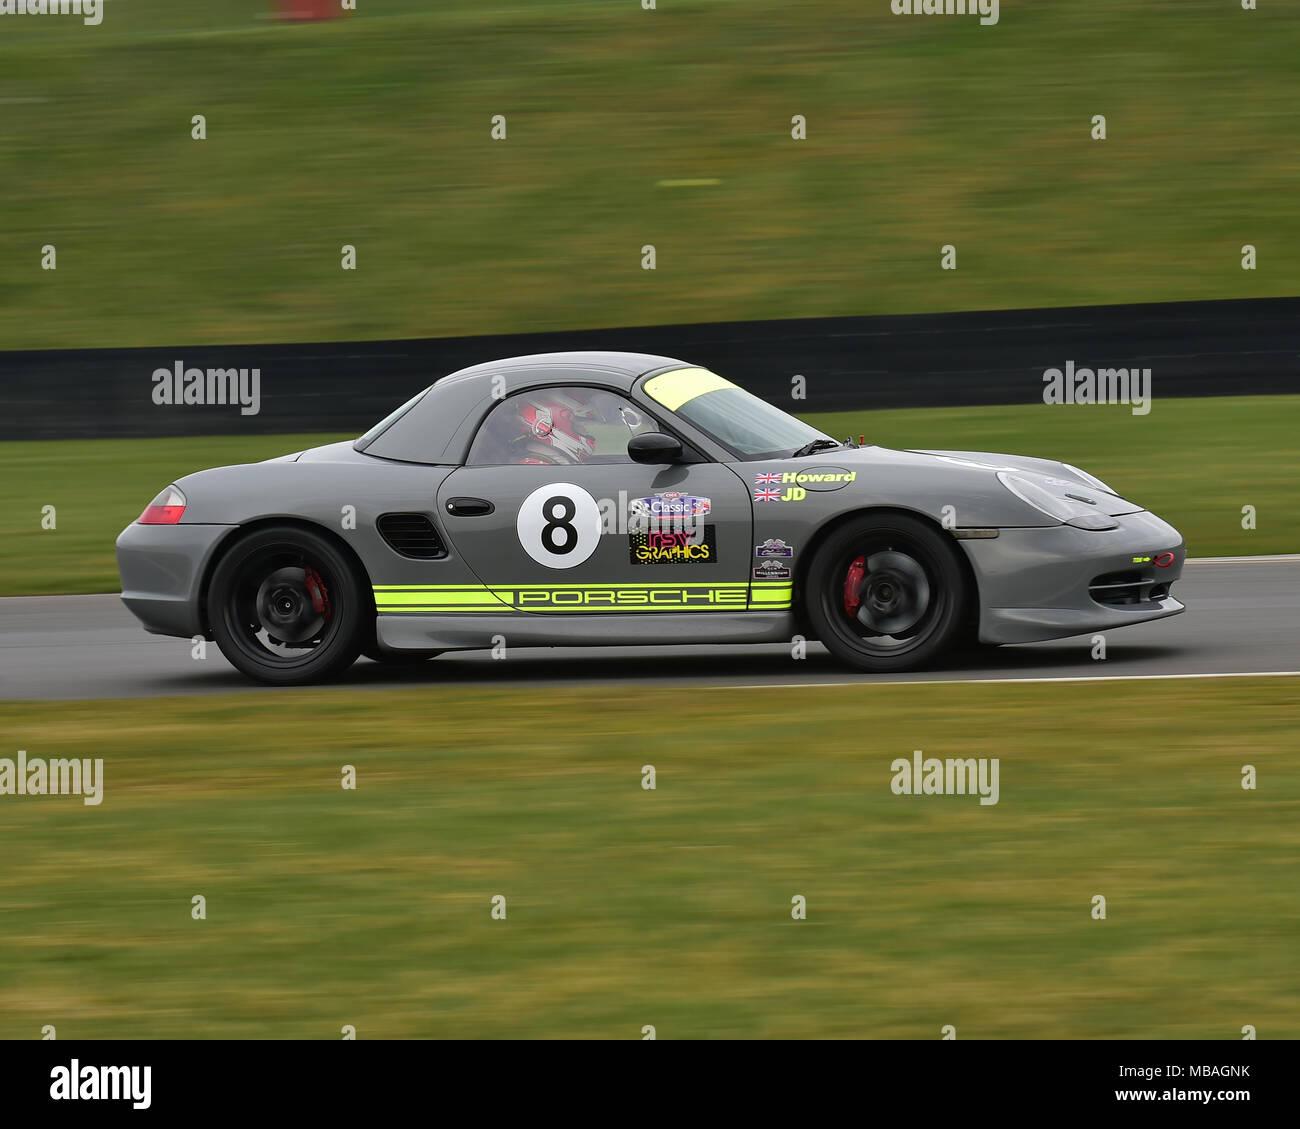 Porsche Boxster S Stock Photos & Porsche Boxster S Stock